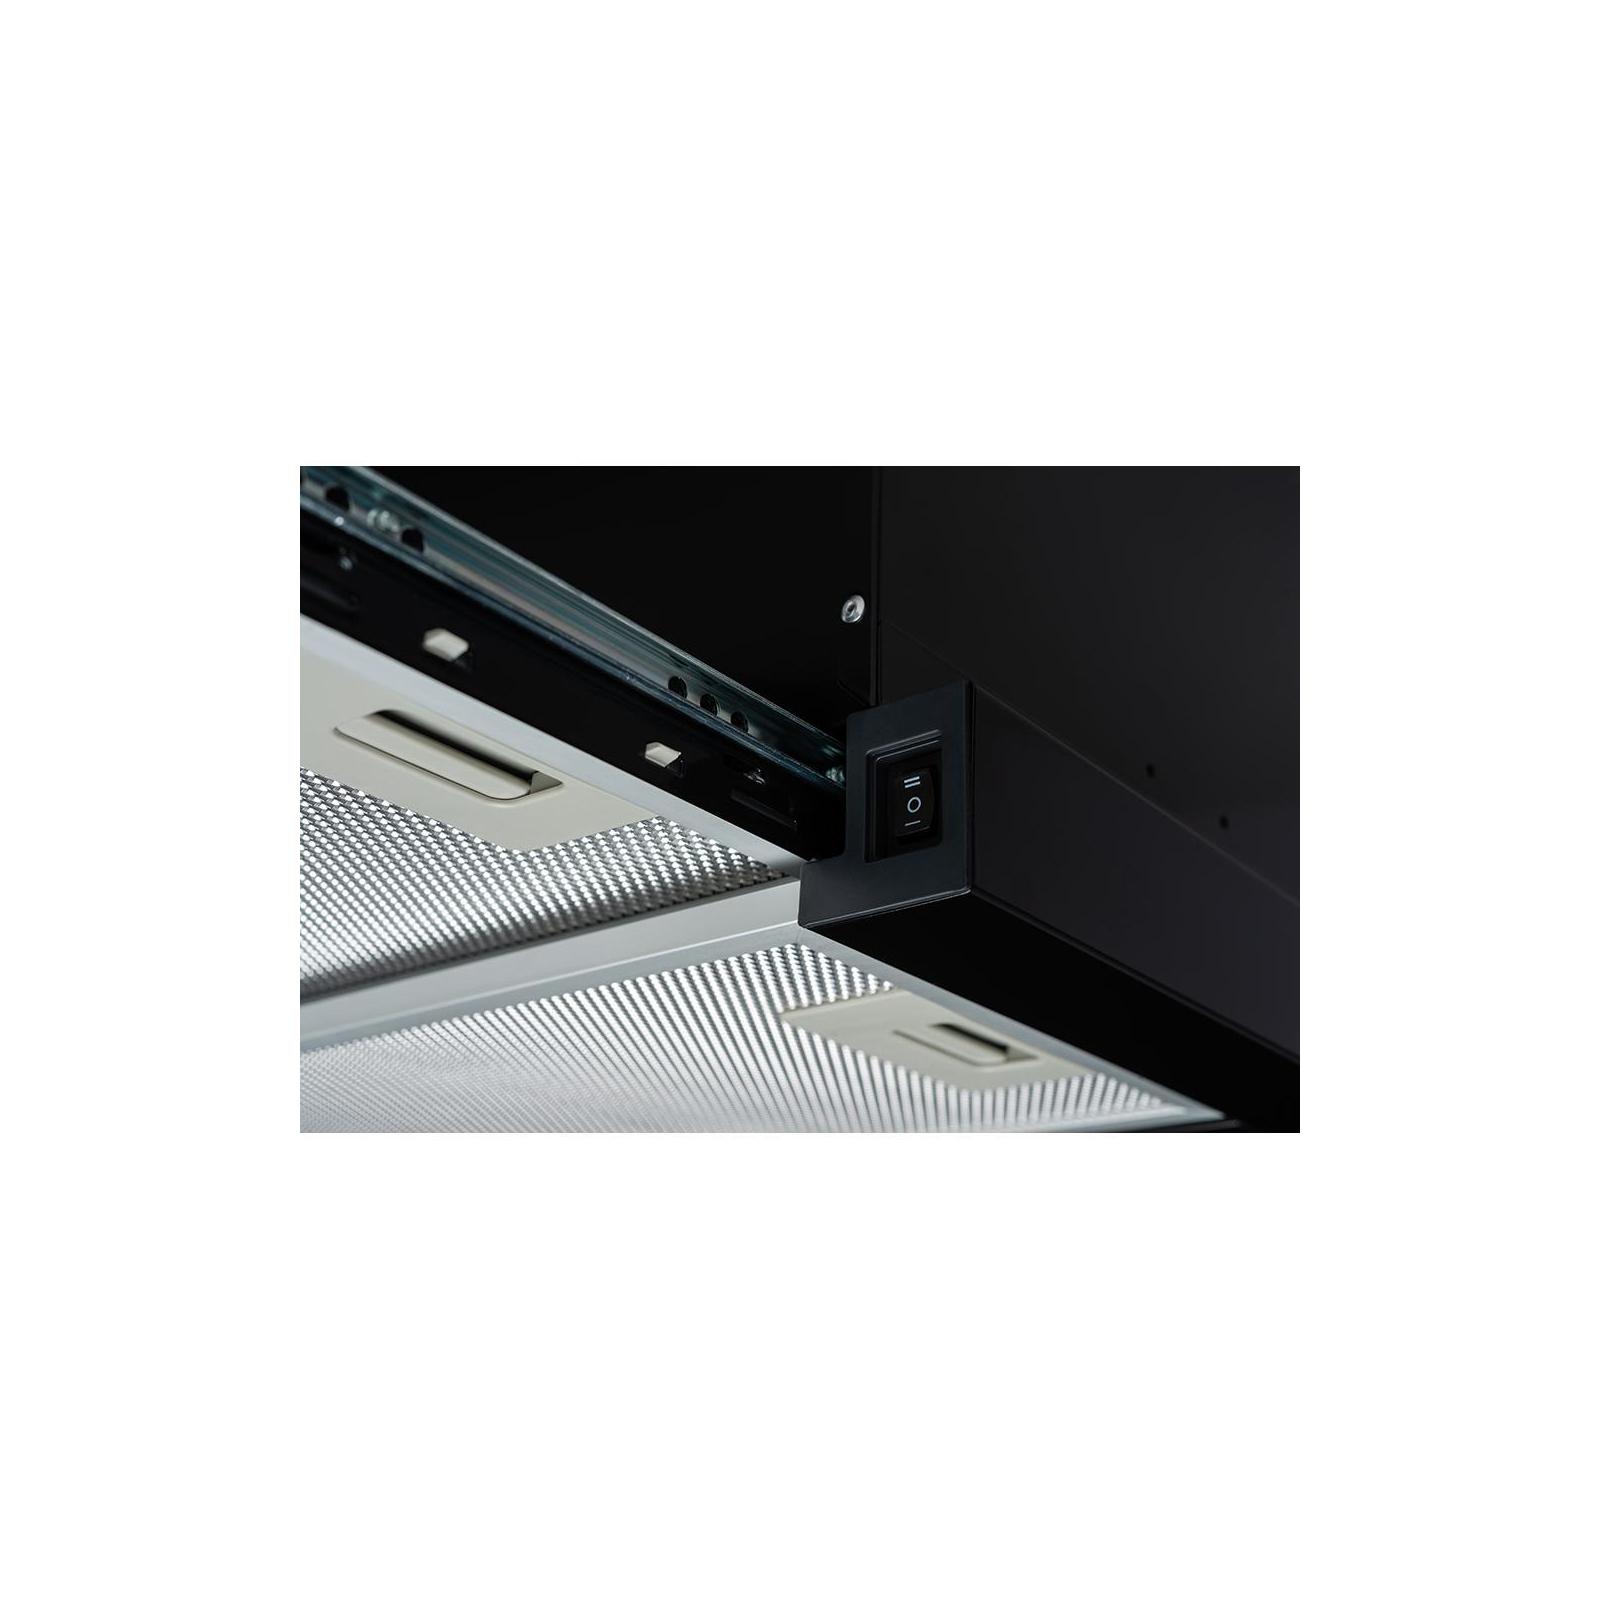 Вытяжка кухонная MINOLA HTL 6612 BL 1000 LED изображение 5